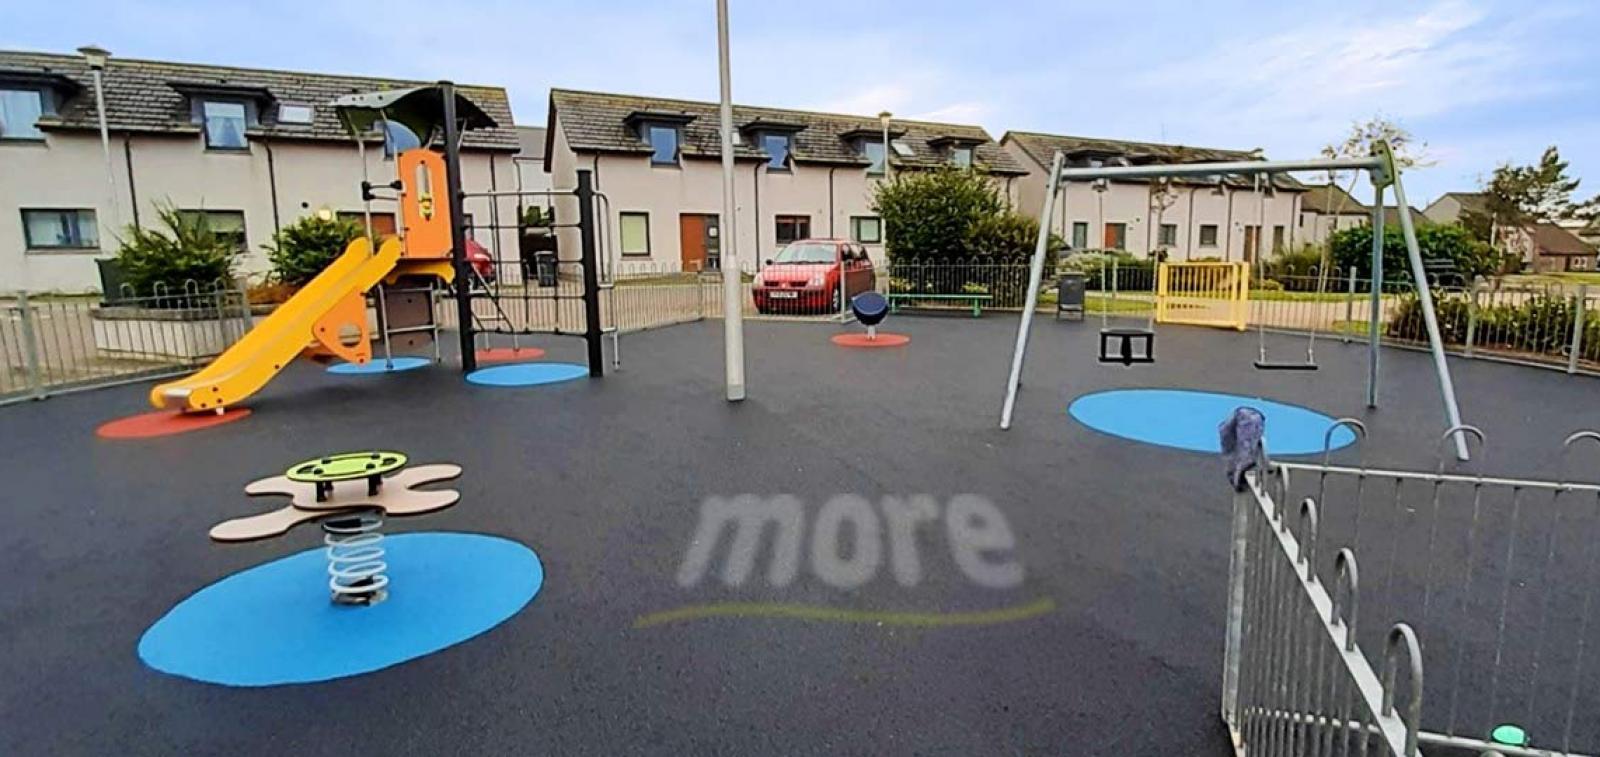 Children's playground at Portsoy